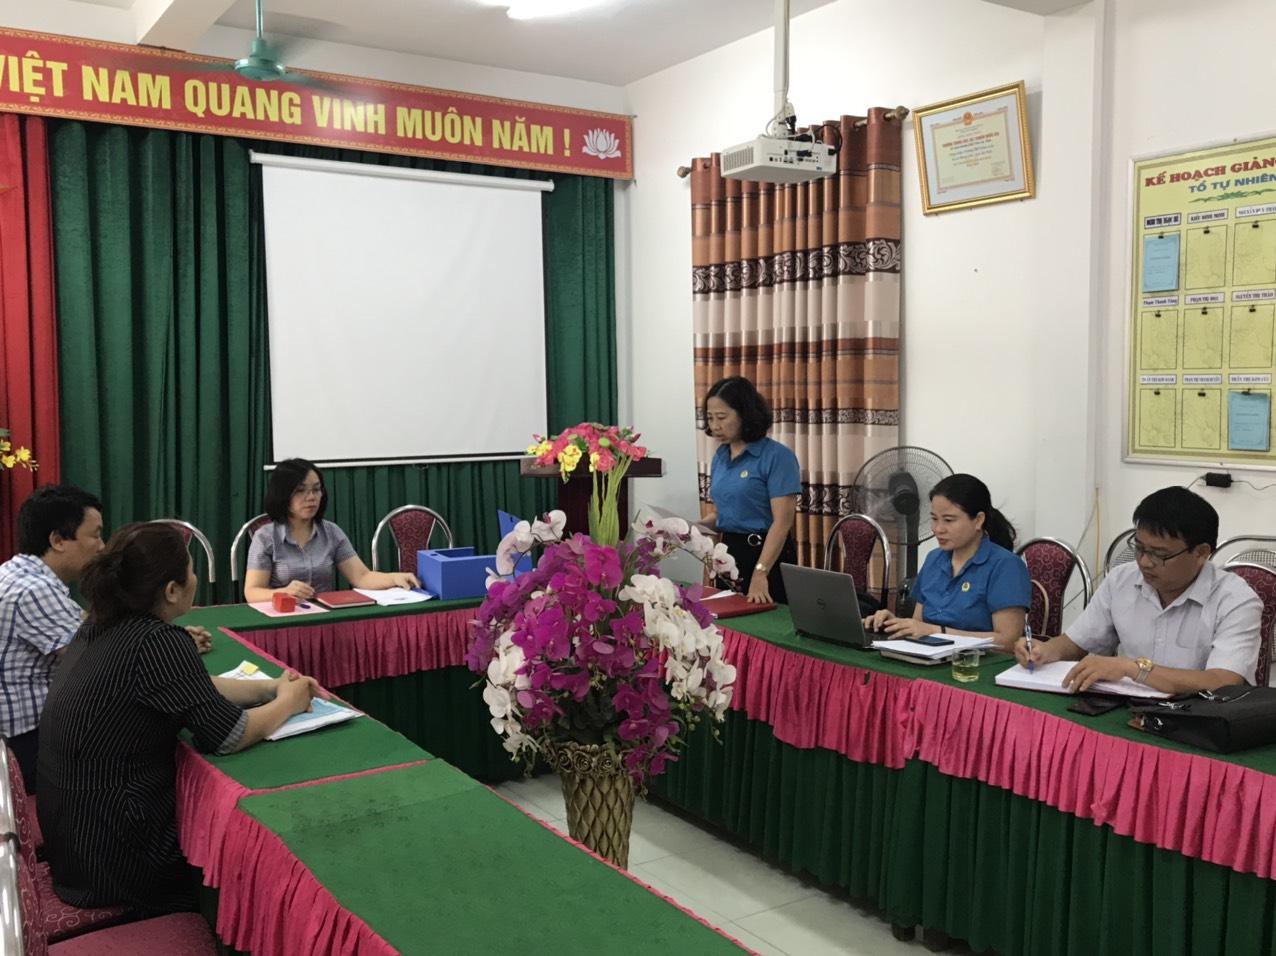 Hồng Lĩnh: Kiểm tra hoạt động công đoàn tại Công đoàn cơ sở trực thuộc